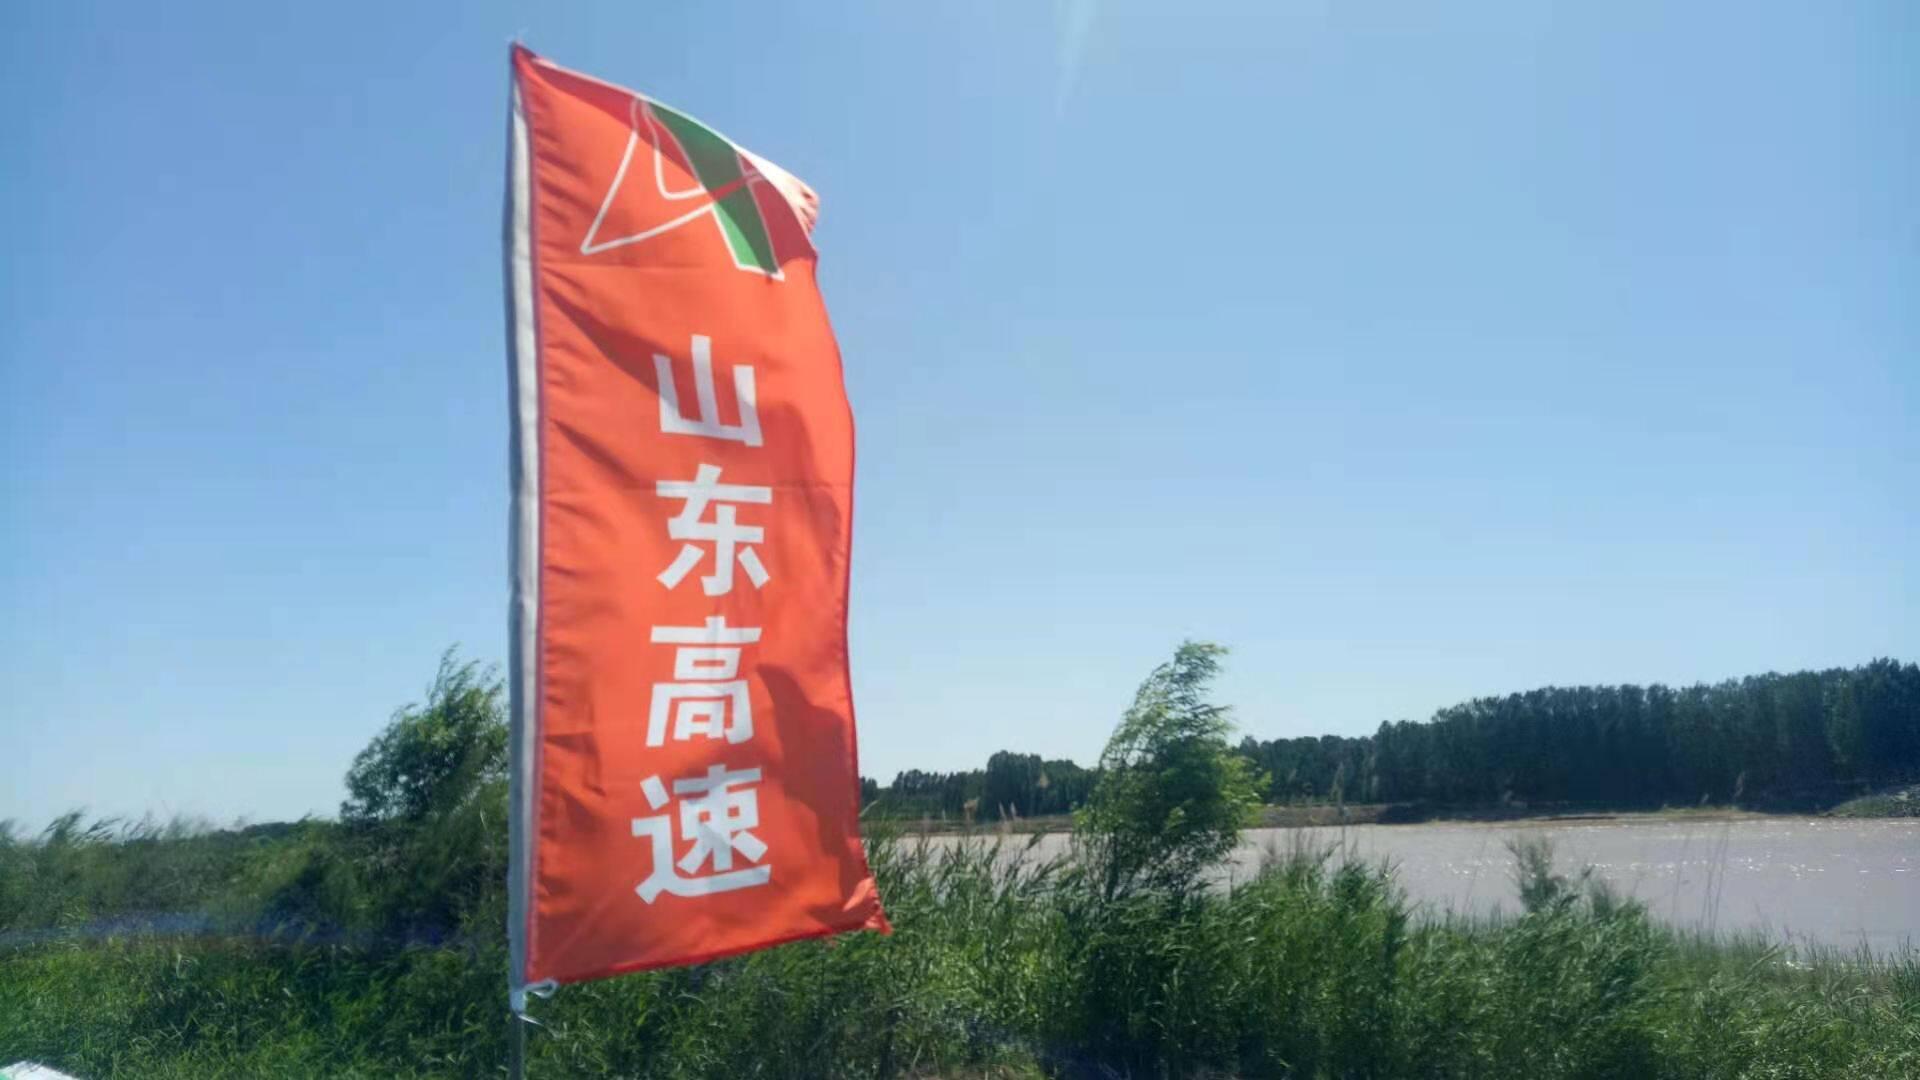 济南大北环项目正式启动建设 济南三环第三条就位